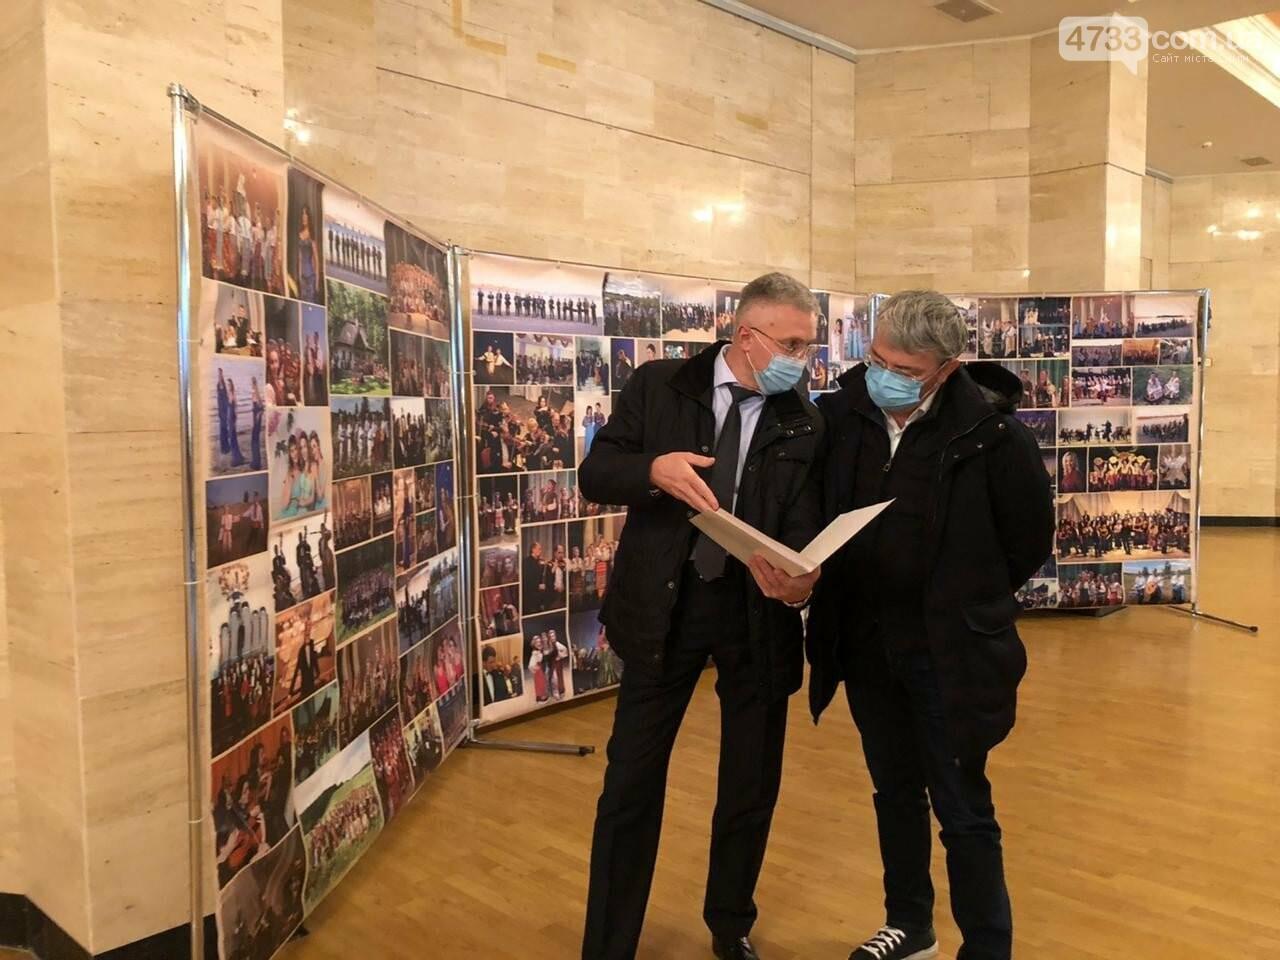 Міністр культури: «Черкащина ідеальна для туризму», фото-1, Черкаська ОДА